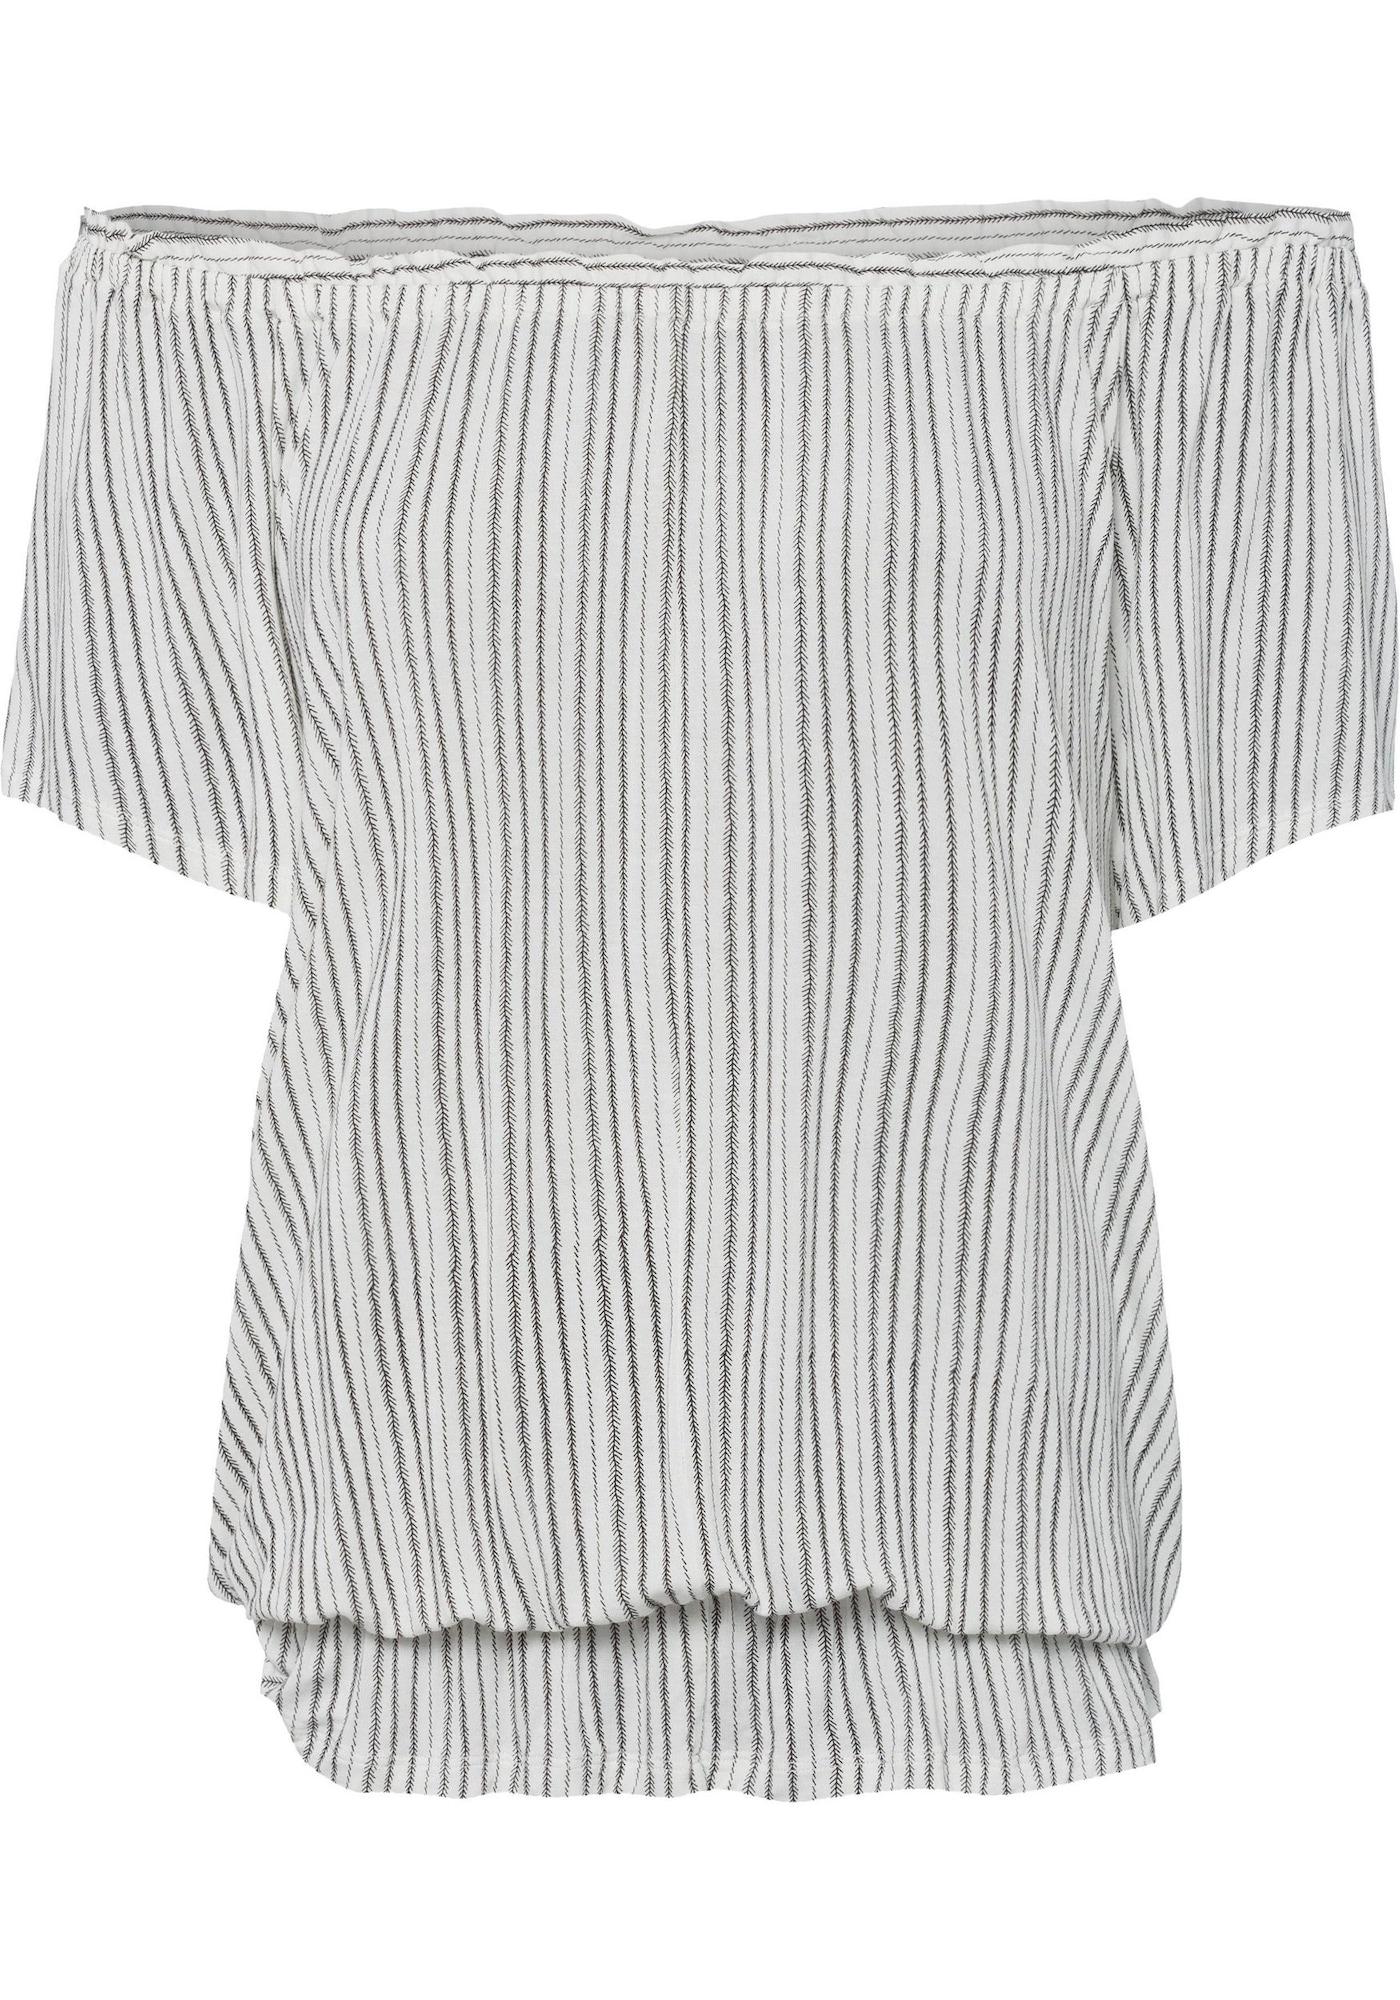 LASCANA Carmenshirt | Bekleidung > Shirts > Carmenshirts & Wasserfallshirts | Grau | Lascana